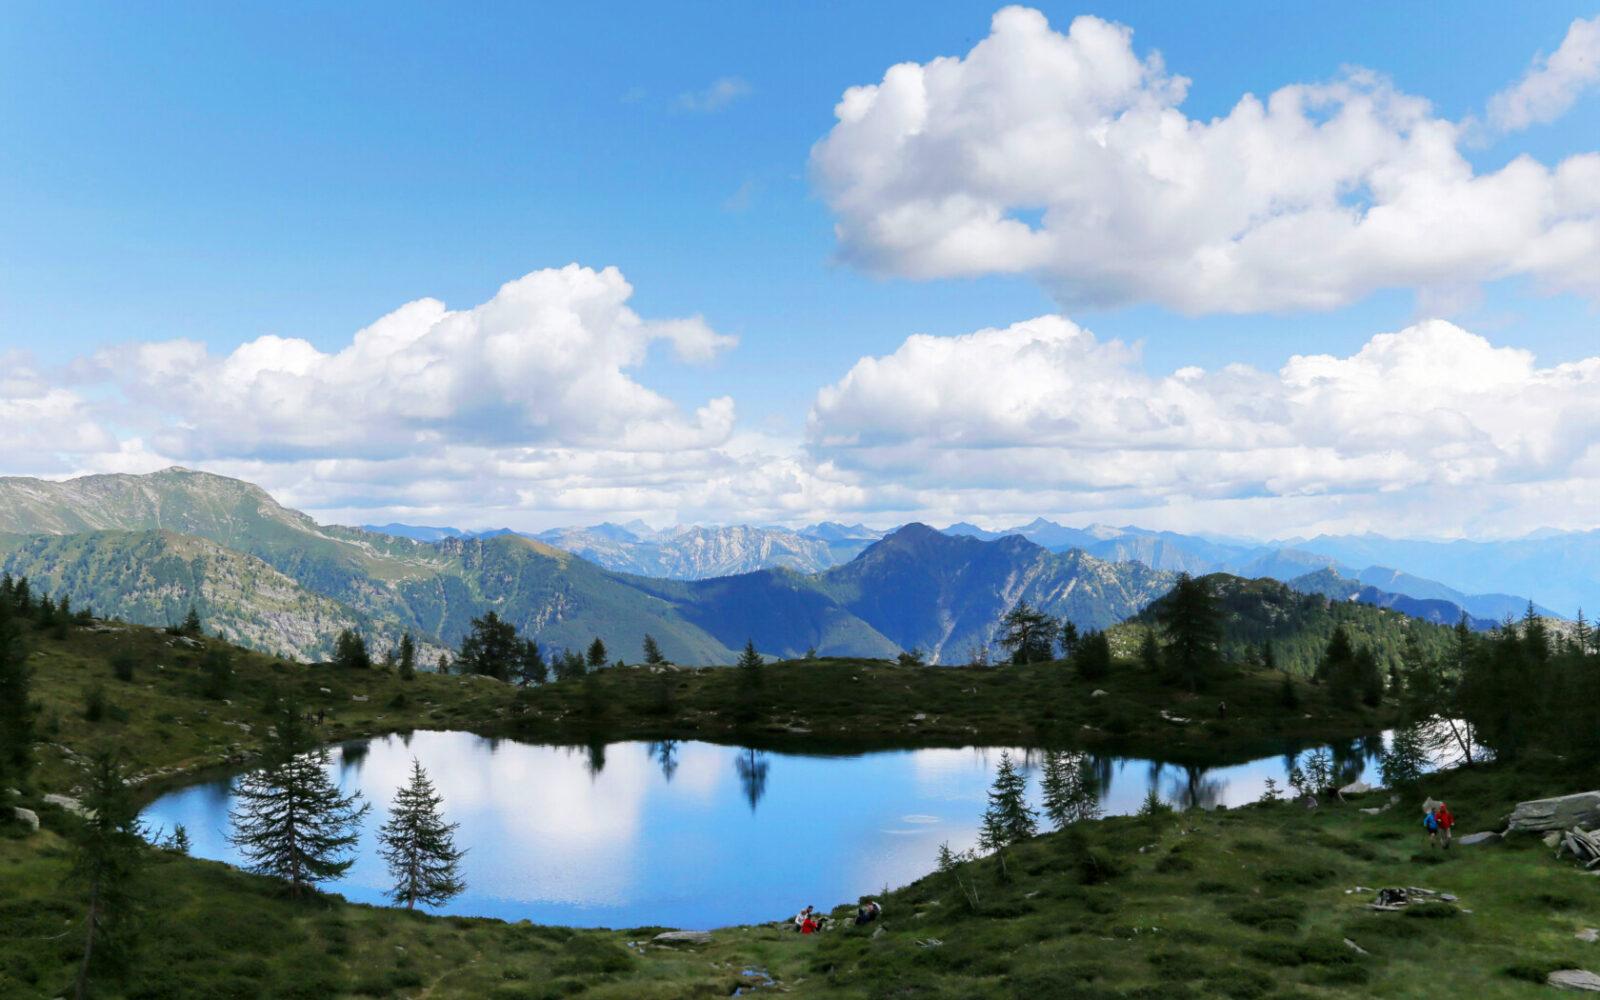 High quality-Hike Ticino - Vergeletto - Salei - Arena-Copyright Ticino Turismo, Foto Remy Steinegger, solo uso turistico , no commerciale-2